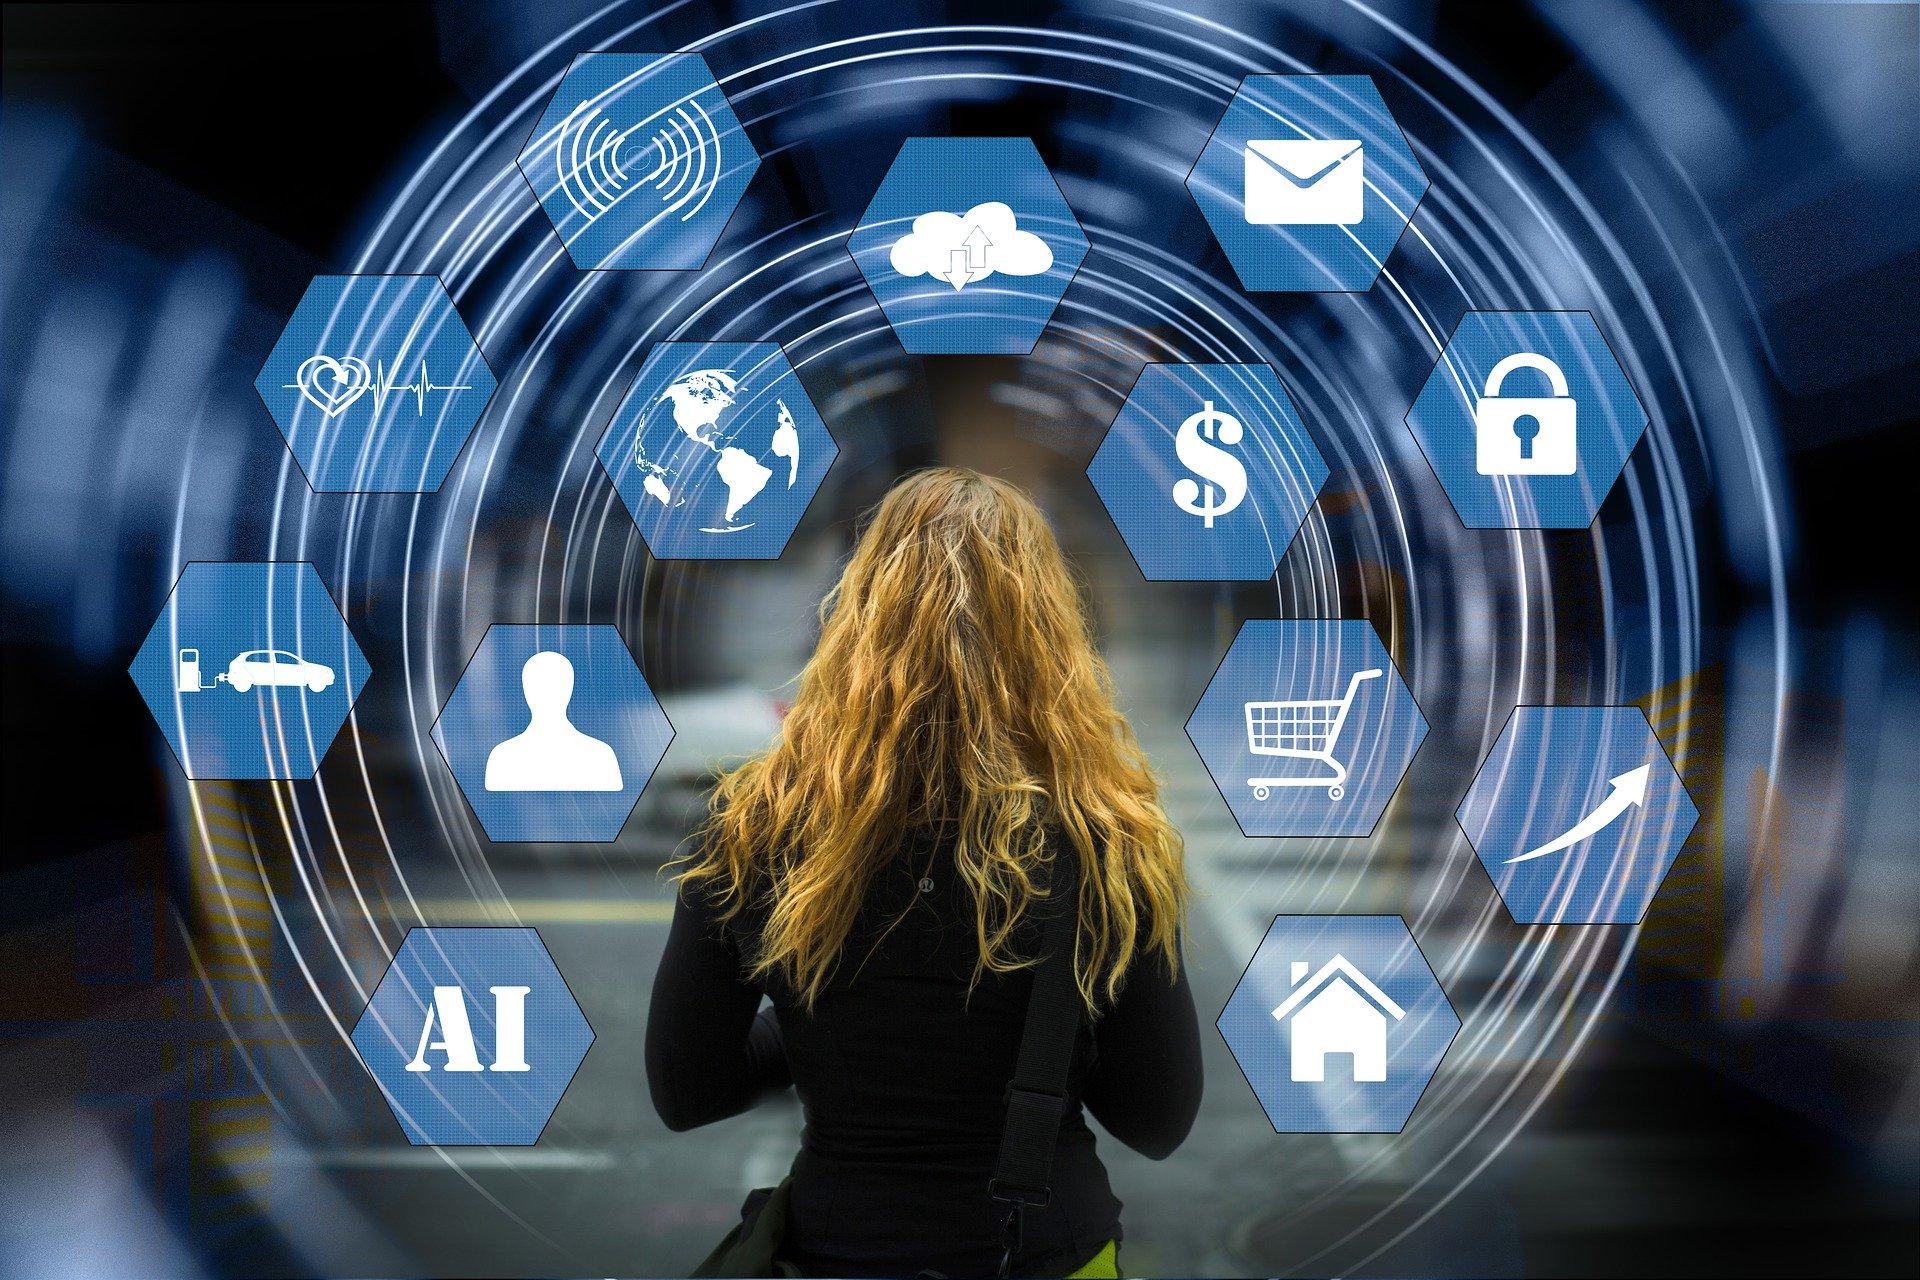 ИТ Академия5 начина по които изкуствения интелект (AI) влияе на ...